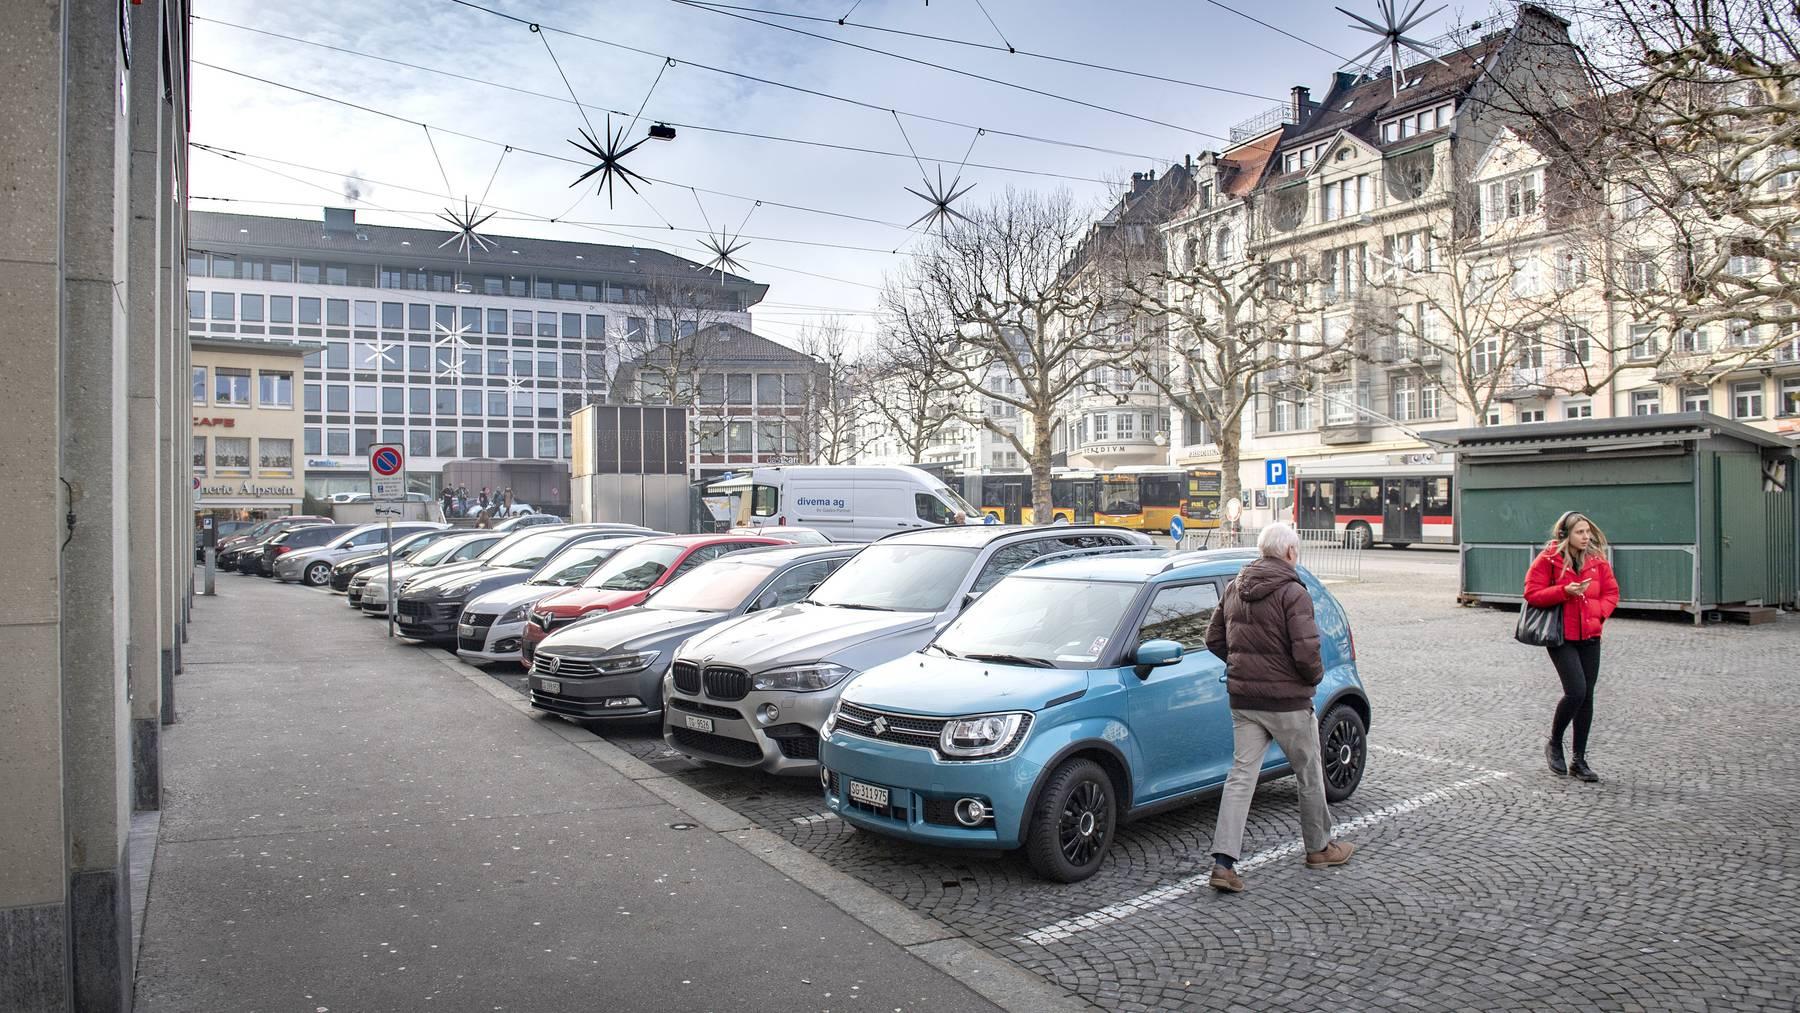 Ab Donnerstag sind diese Parkplätze am Marktplatz Geschichte. (Archiv)